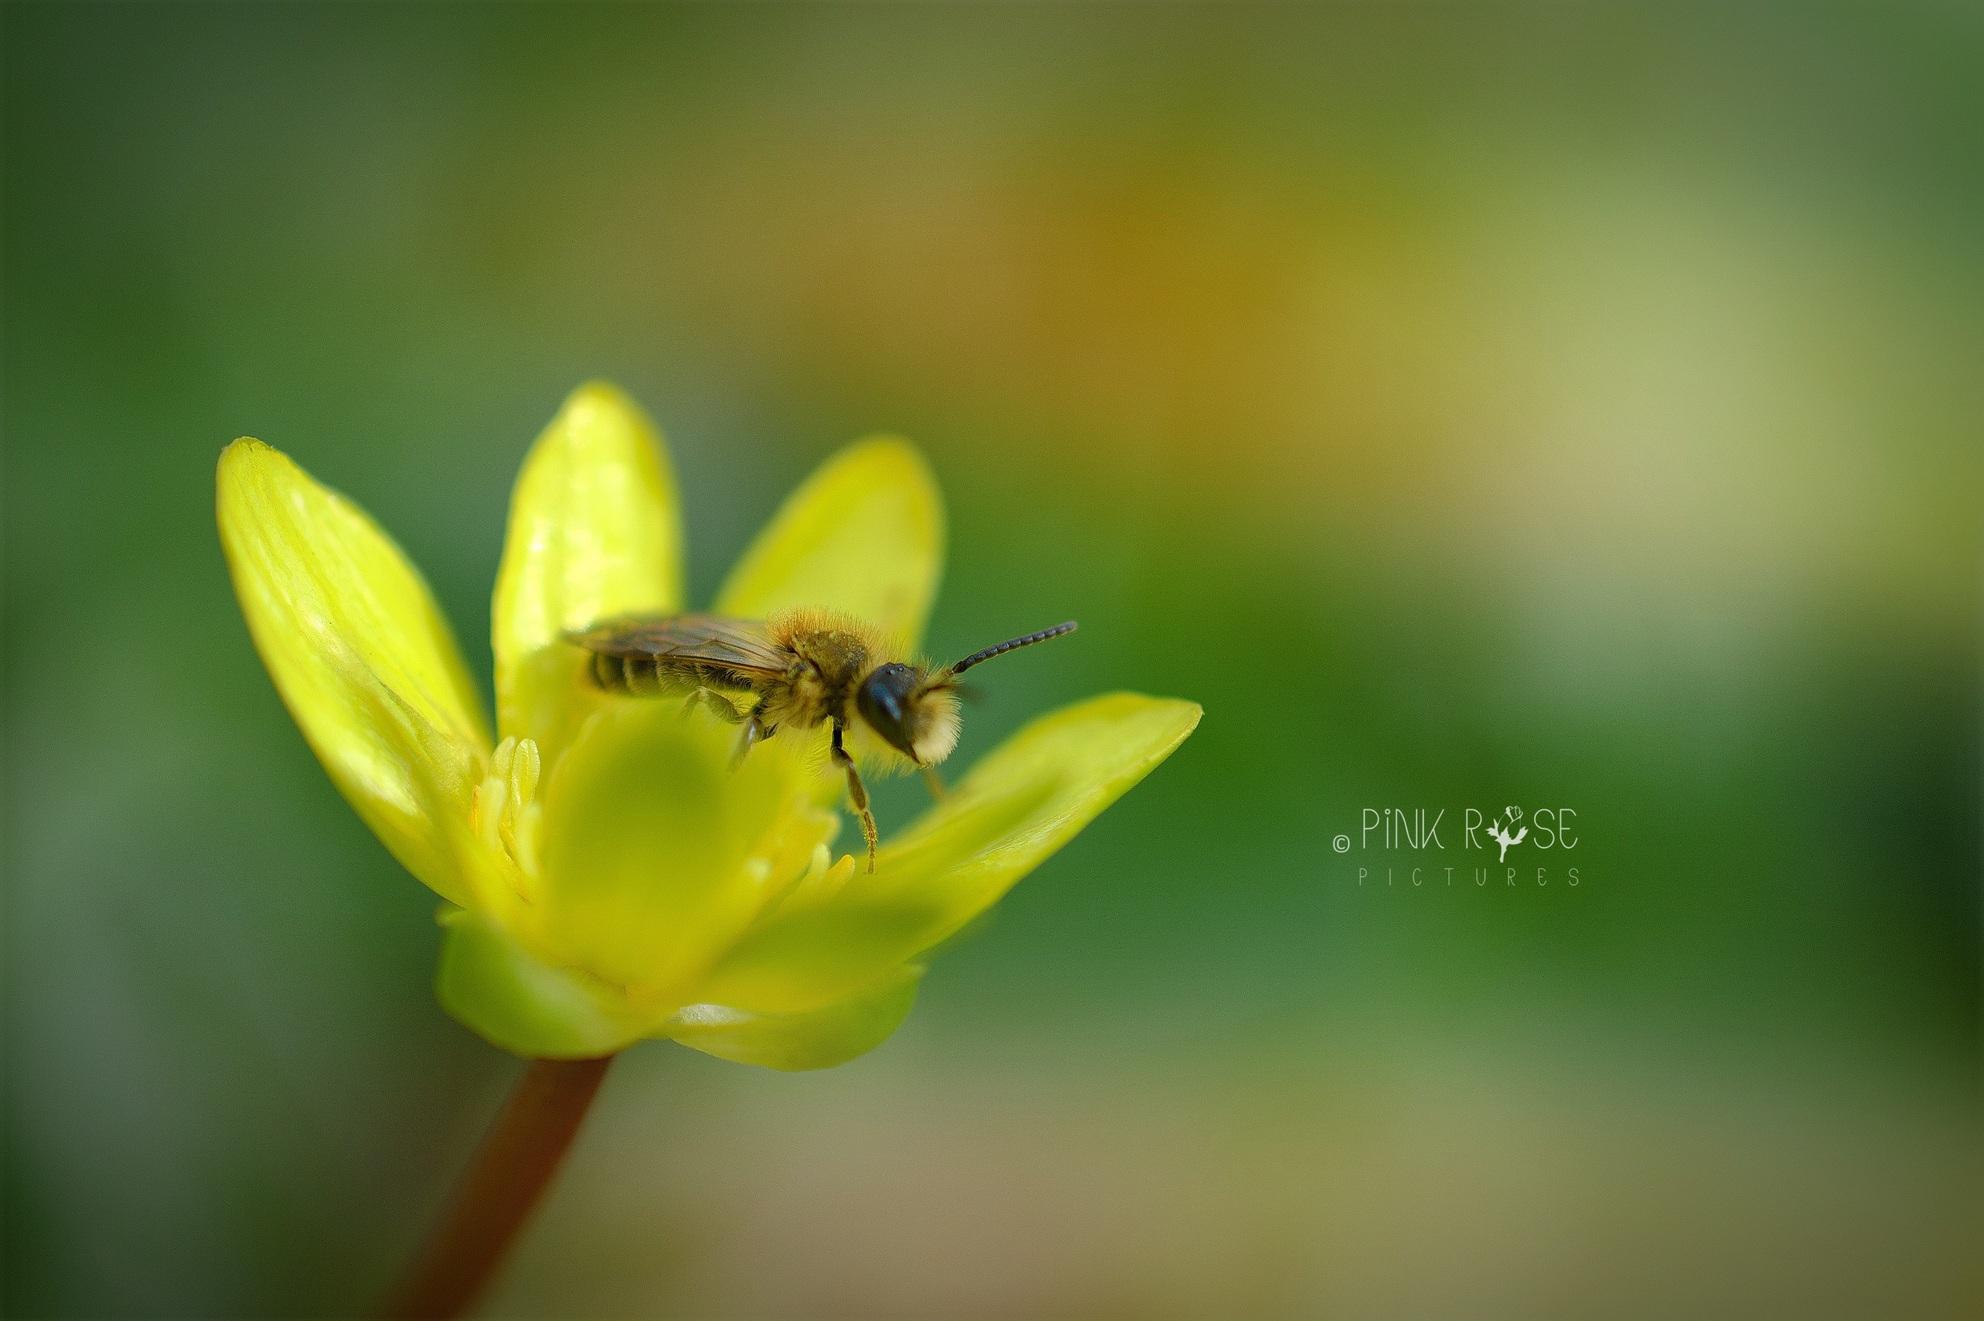 Collecting... - Bzzzz...  Dank voor de reacties bij de vorige upload.  Lfs. Marieke  - foto door PinkRosePictures op 08-04-2021 - locatie: Groeneveld 2, 3744 ML Baarn, Nederland - deze foto bevat: macro, natuur, bij, geel, groen, dof, bloem, bestuiver, fabriek, bloem, insect, geleedpotigen, bloemblaadje, honingbij, kruidachtige plant, plaag, bloeiende plant